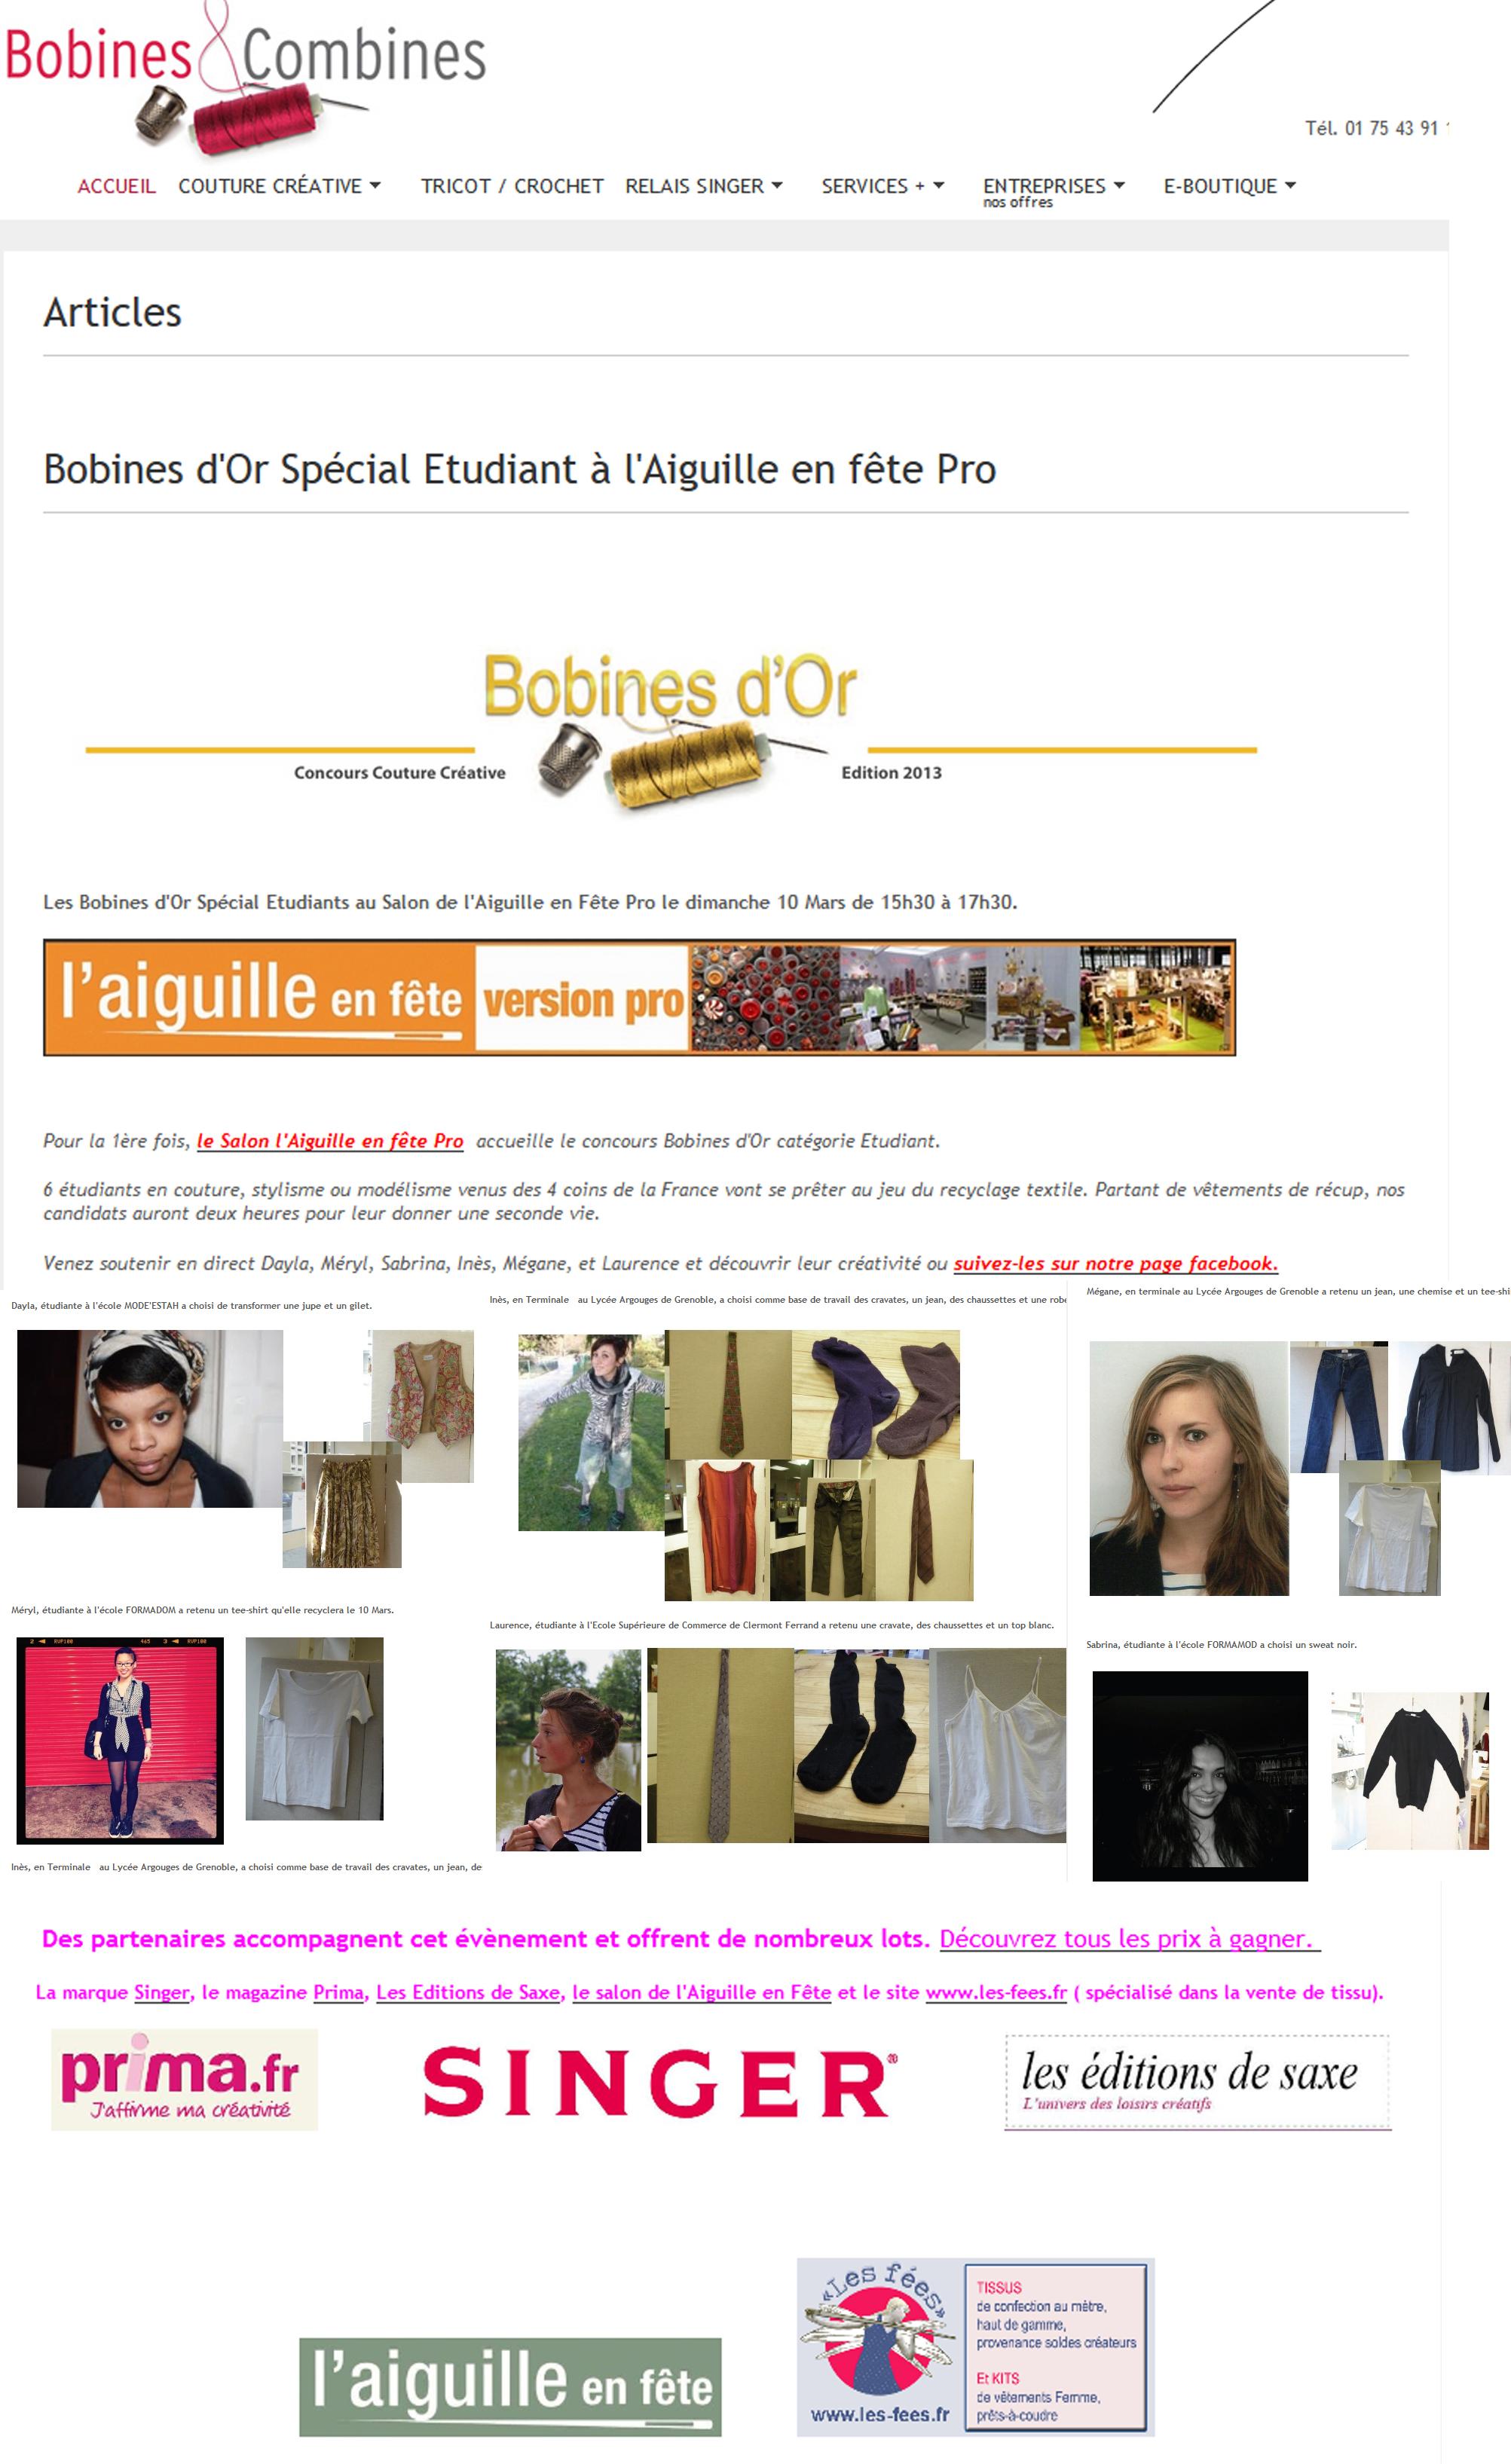 concours Bobines & Combines avec les tissus Les Fées